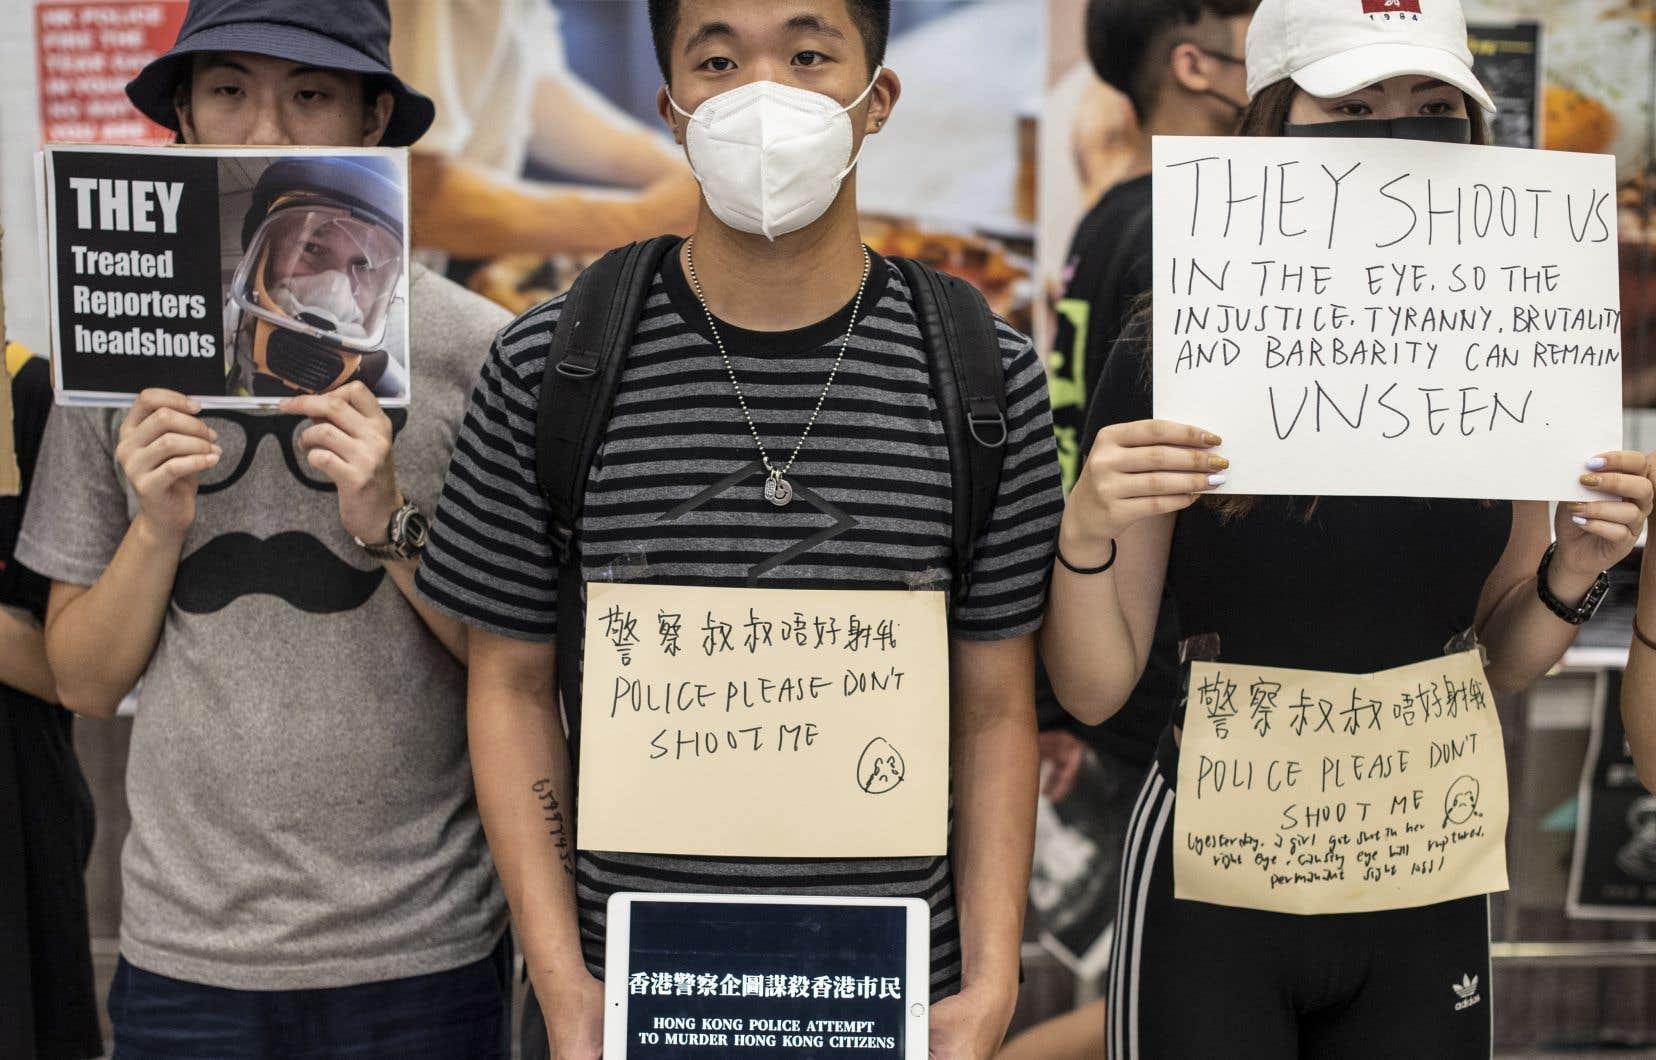 Des manifestants ont brandi des pancartes sur lesquelles ils accusent les policiers d'avoir recours à une violence disproportionnée.